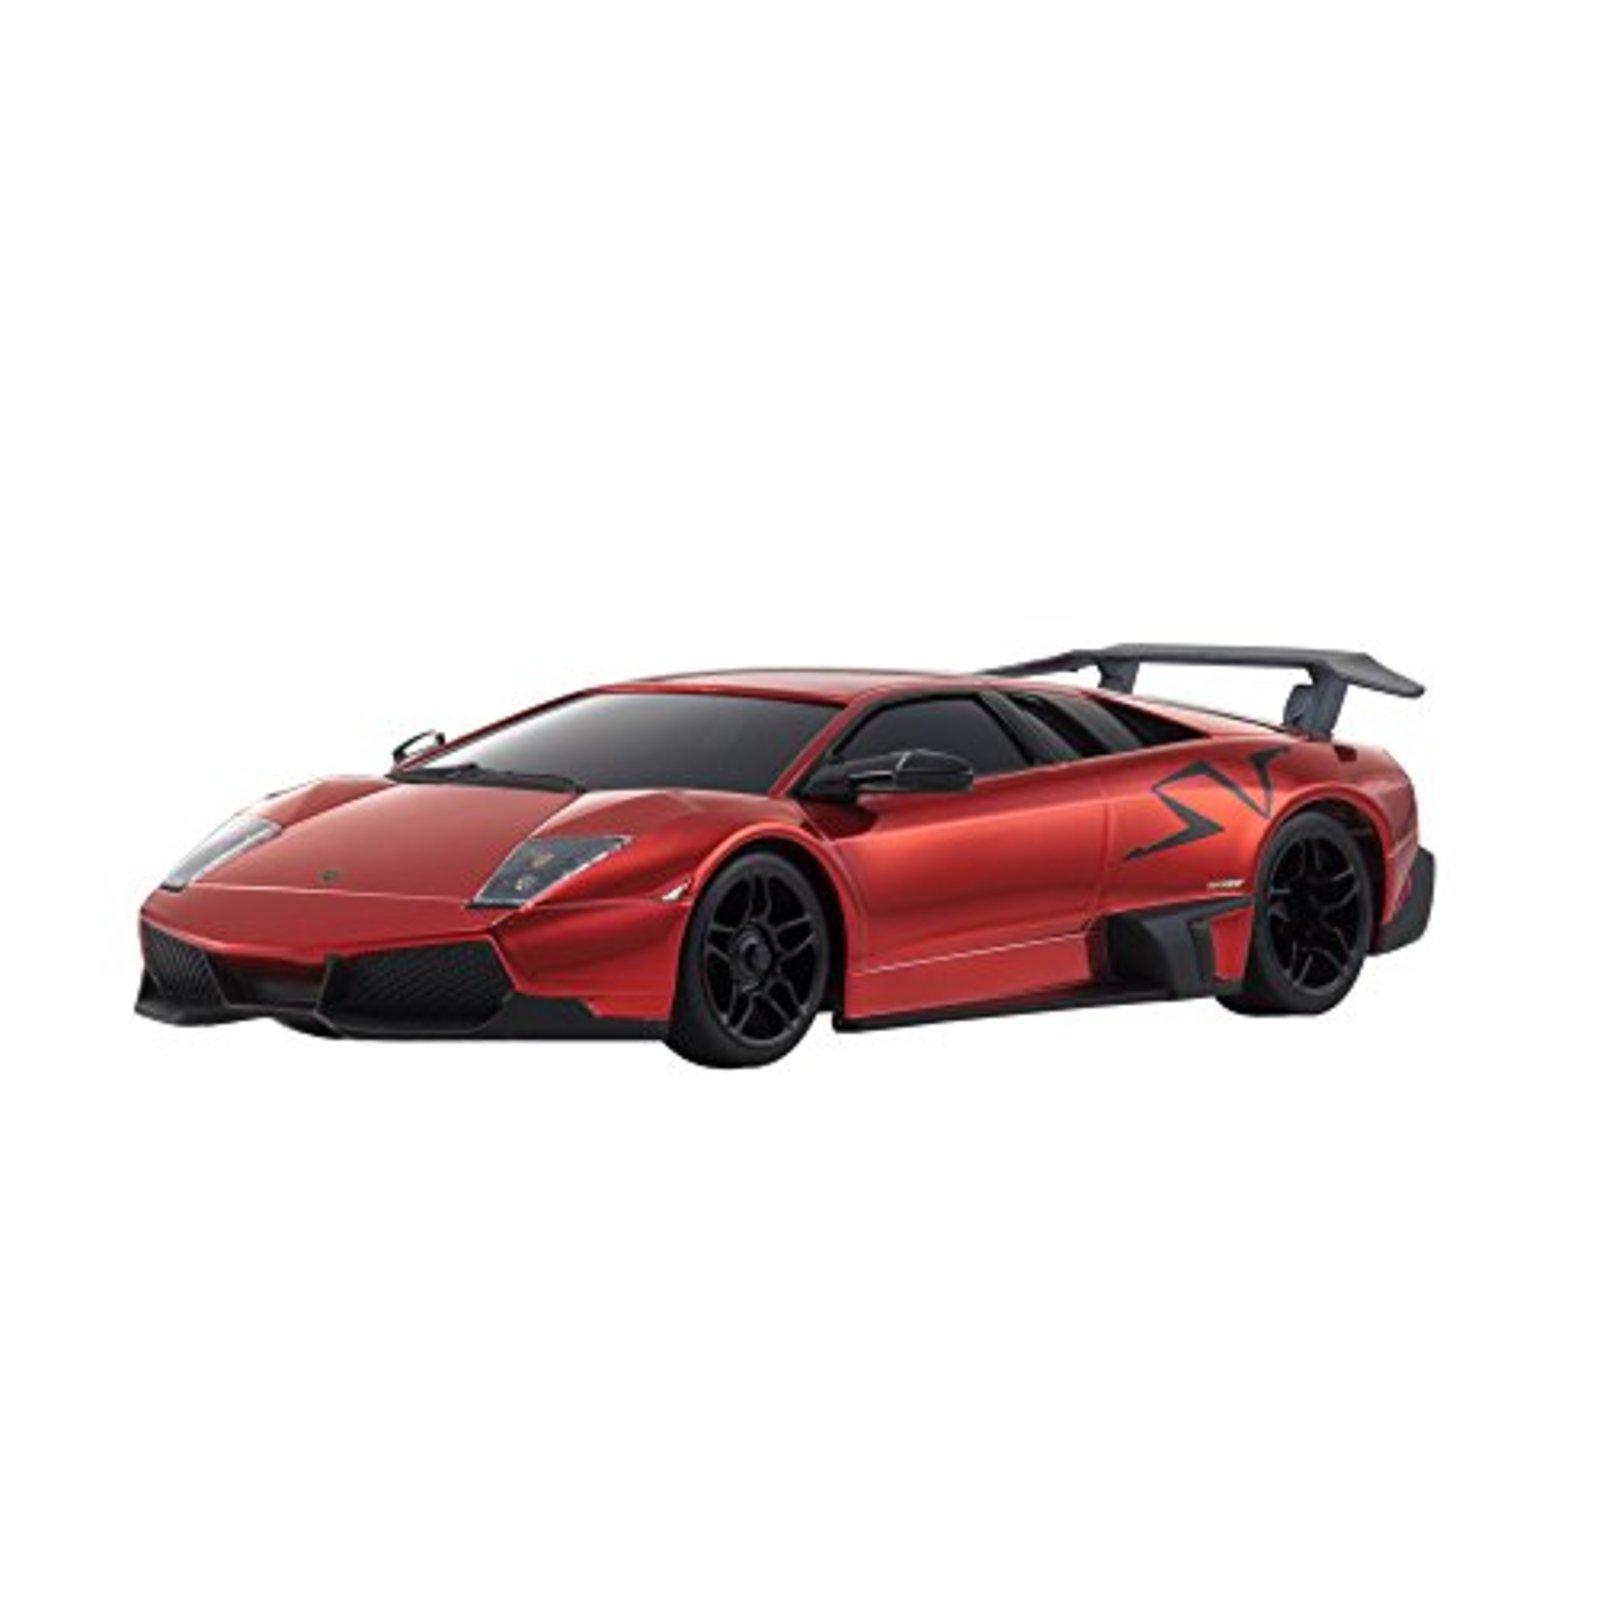 Kyosho Mini Z MZP215CR Lamborghini Murcielago LP670 Cromo Rojo F s con seguimiento